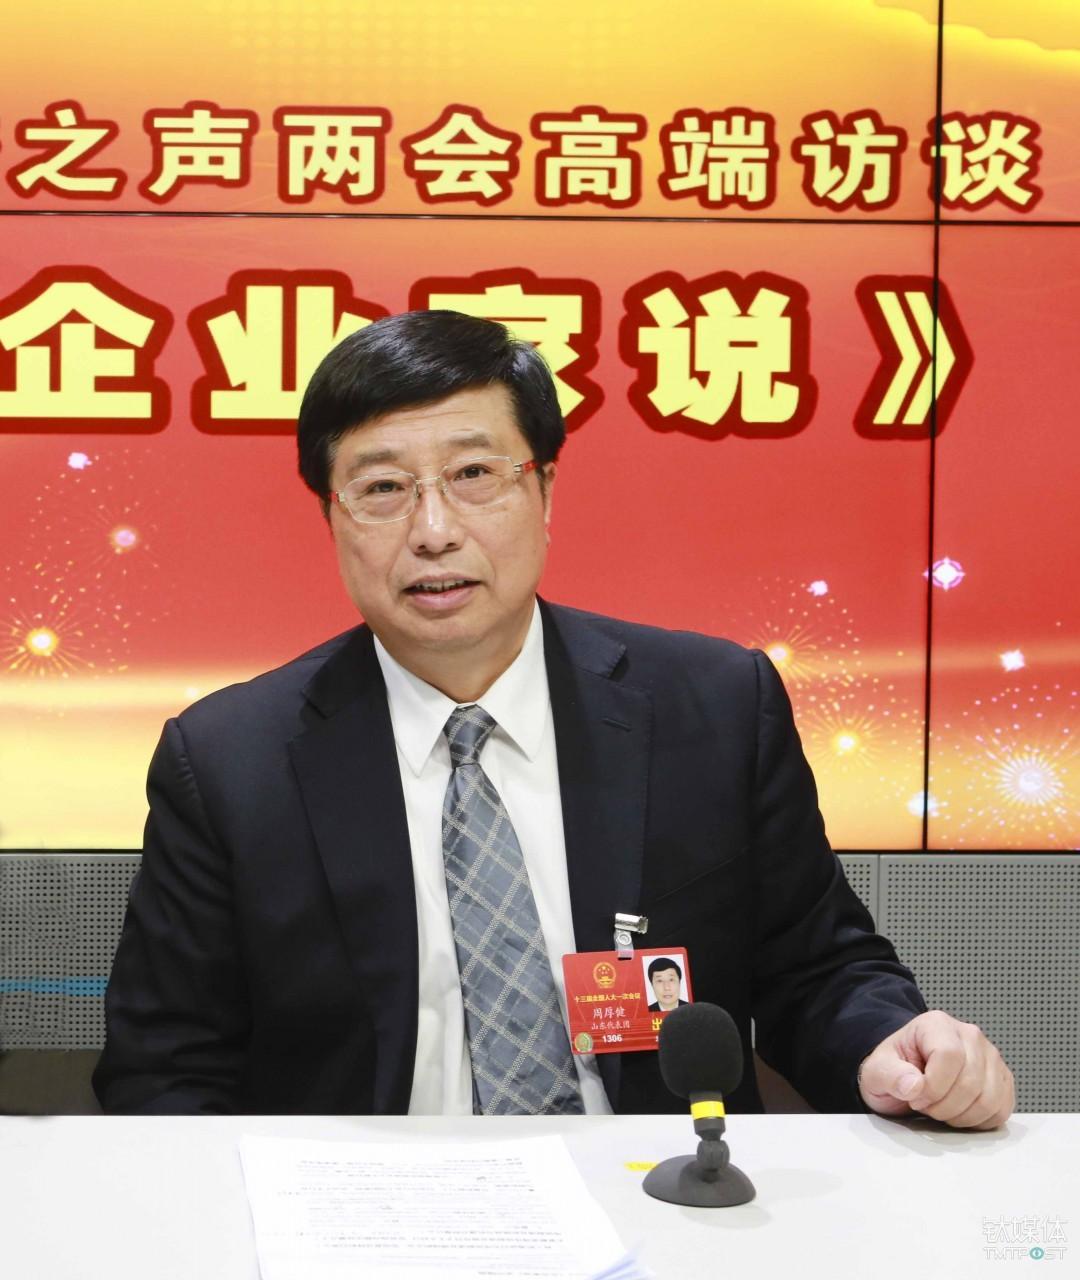 海信集团董事长周厚健已经在制造业打拼了30多年,低调的外表下,却是锐利的判断和大胆的执行。